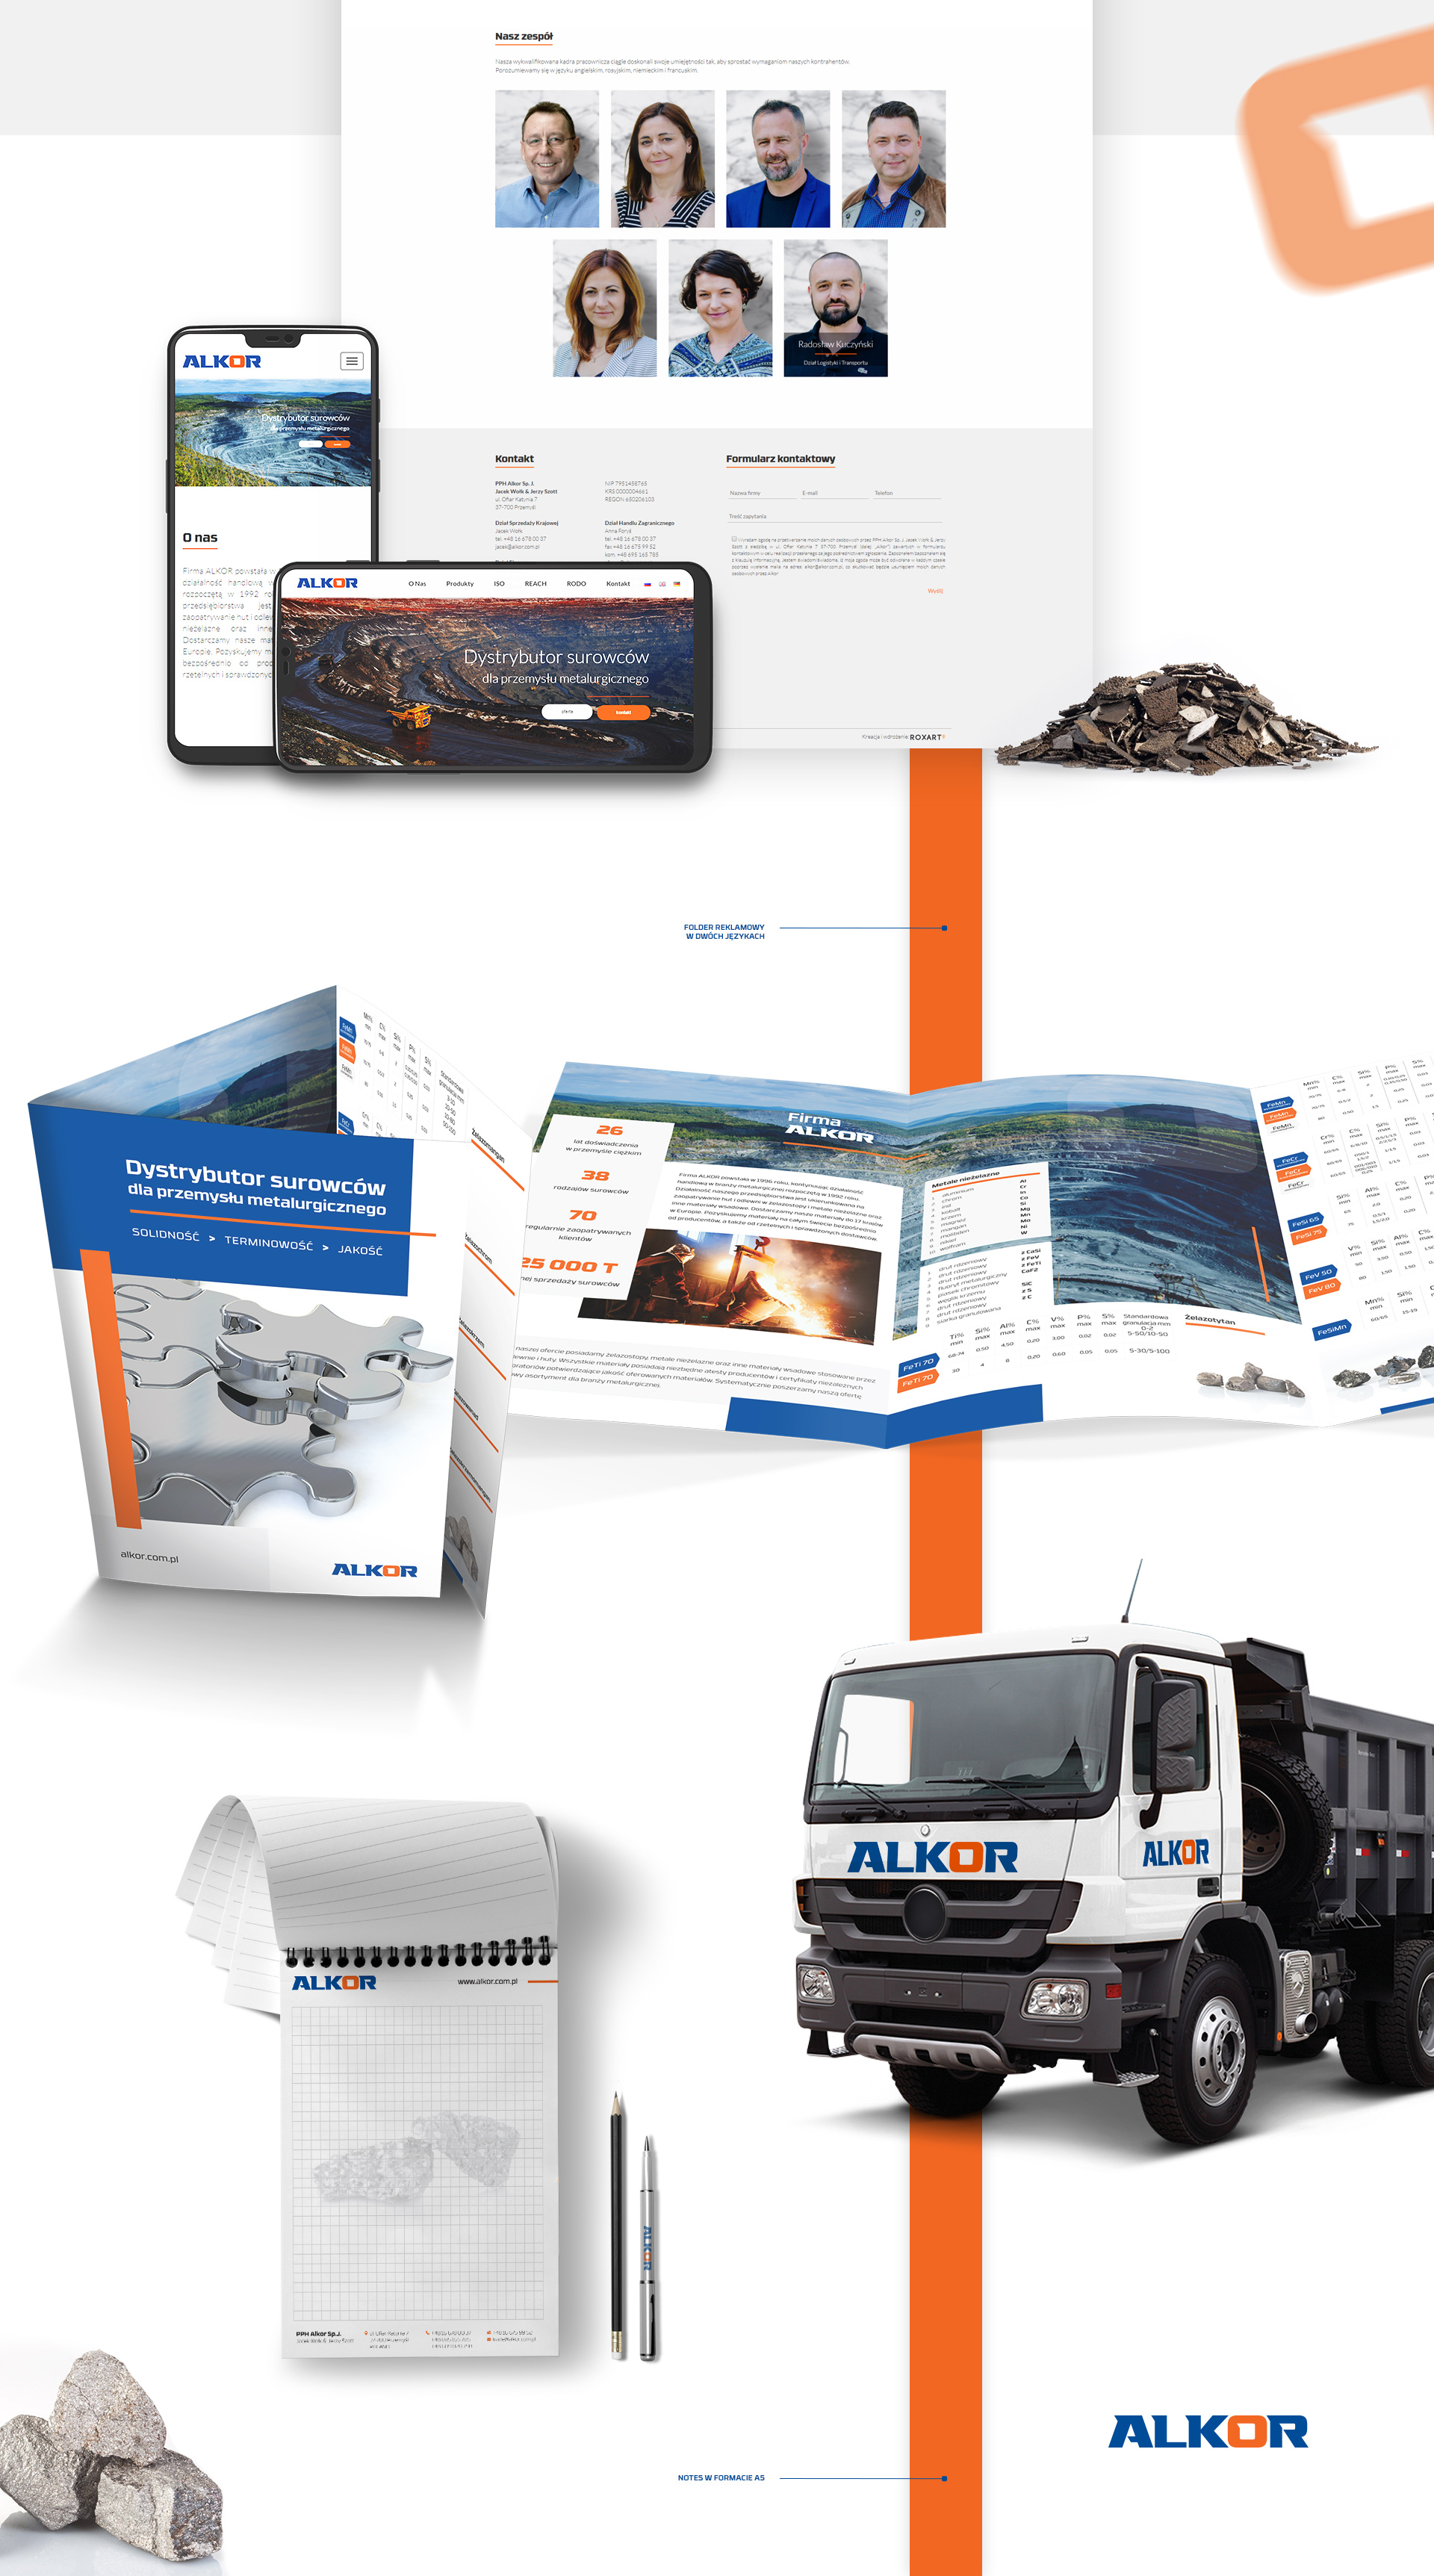 Alkor - Realizacja - Agencja ROXART